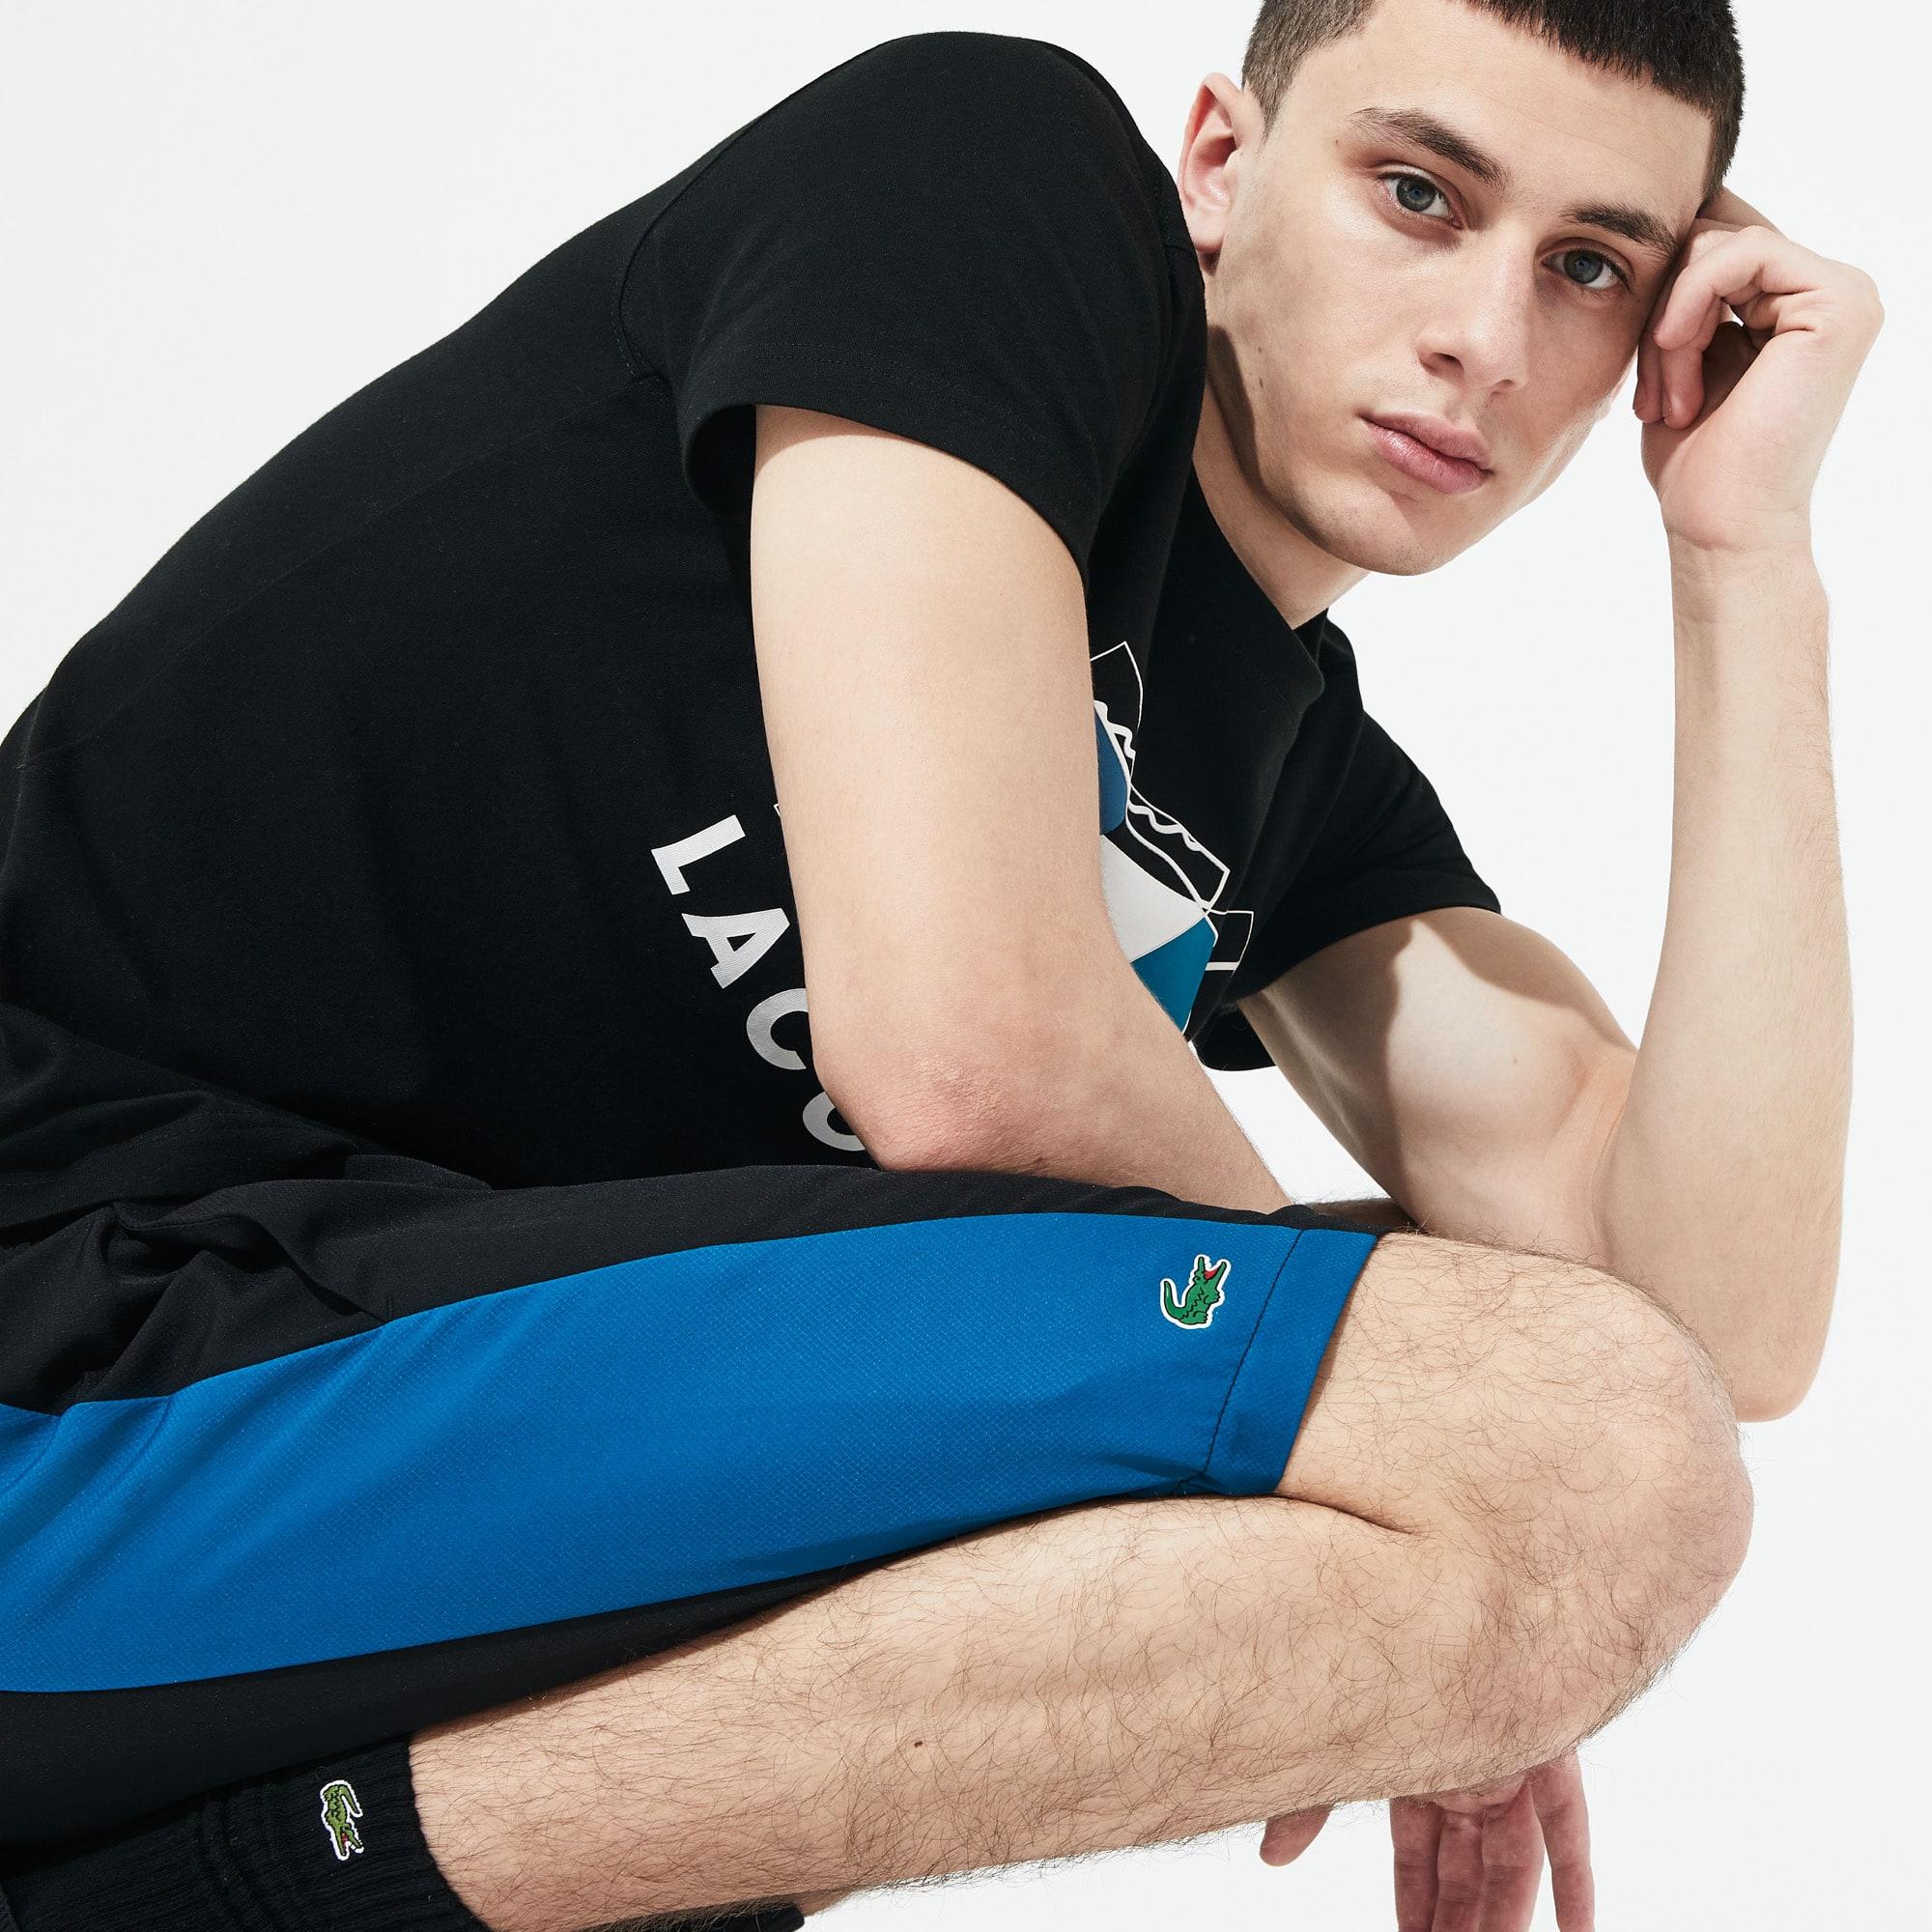 ShortsVêtements ShortsVêtements Homme Lacoste ShortsVêtements Pantalonsamp; Pantalonsamp; Pantalonsamp; Sport Sport Homme Lacoste 8OvNmn0w